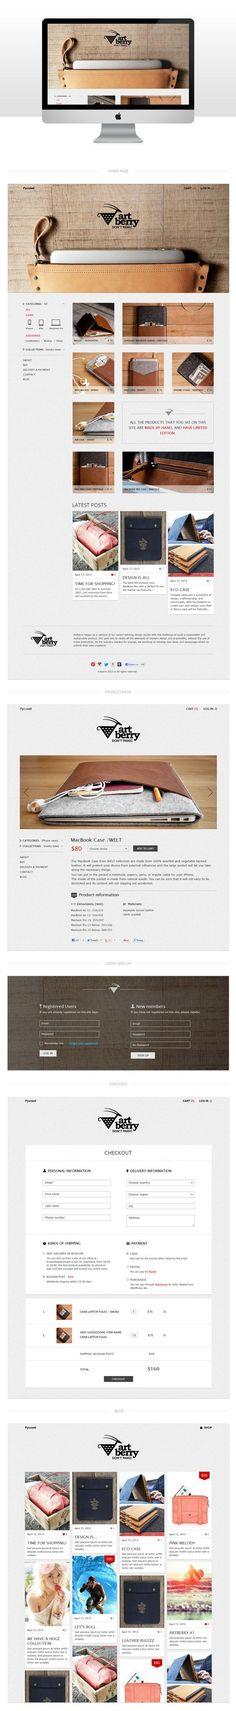 E-commerce design for Artberry by Eugenee Kremnyova